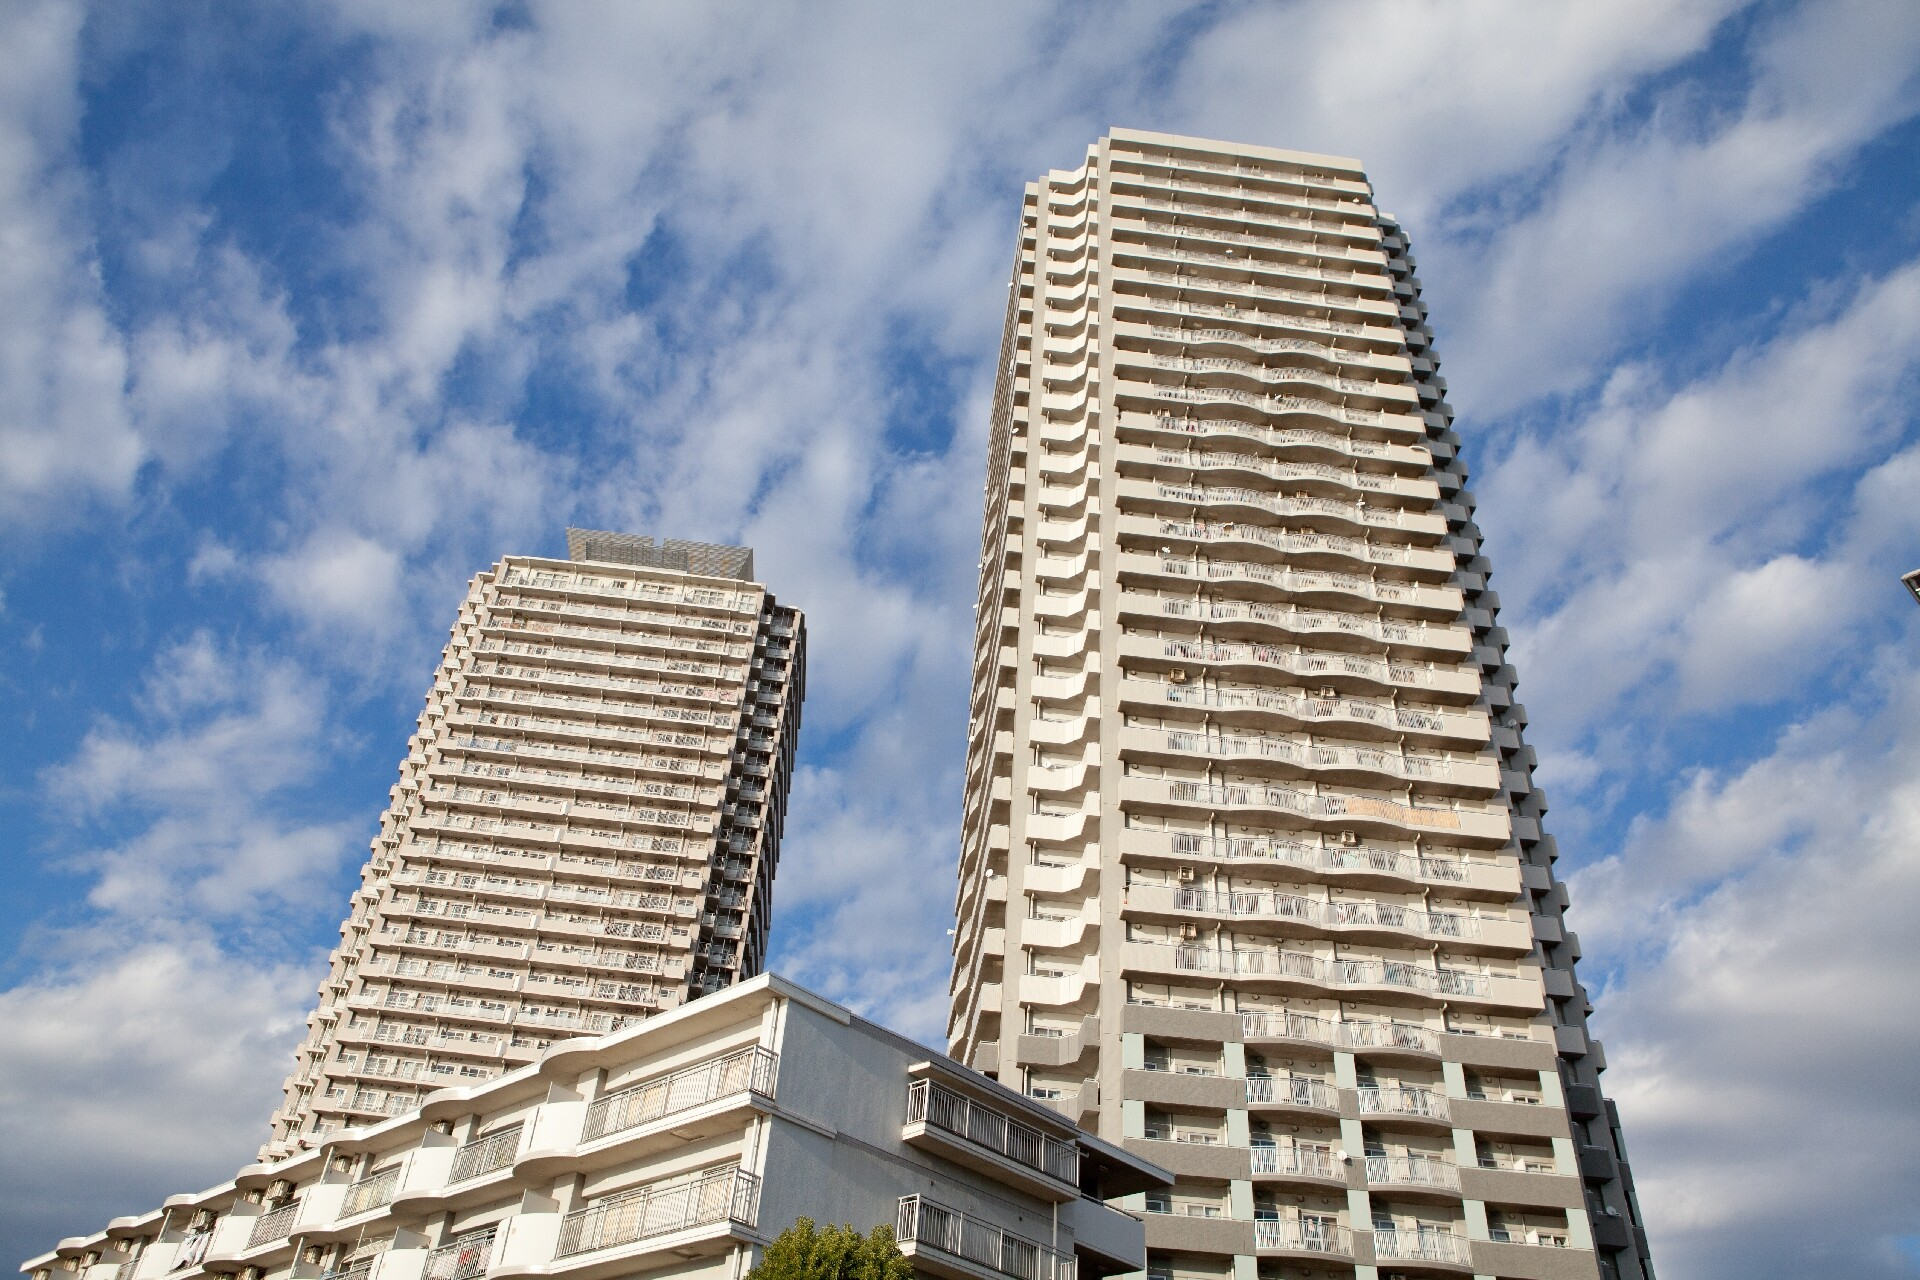 文京区のポスティング不可である高級マンション・高層タワーマンションにもチラシ広告をお届けします